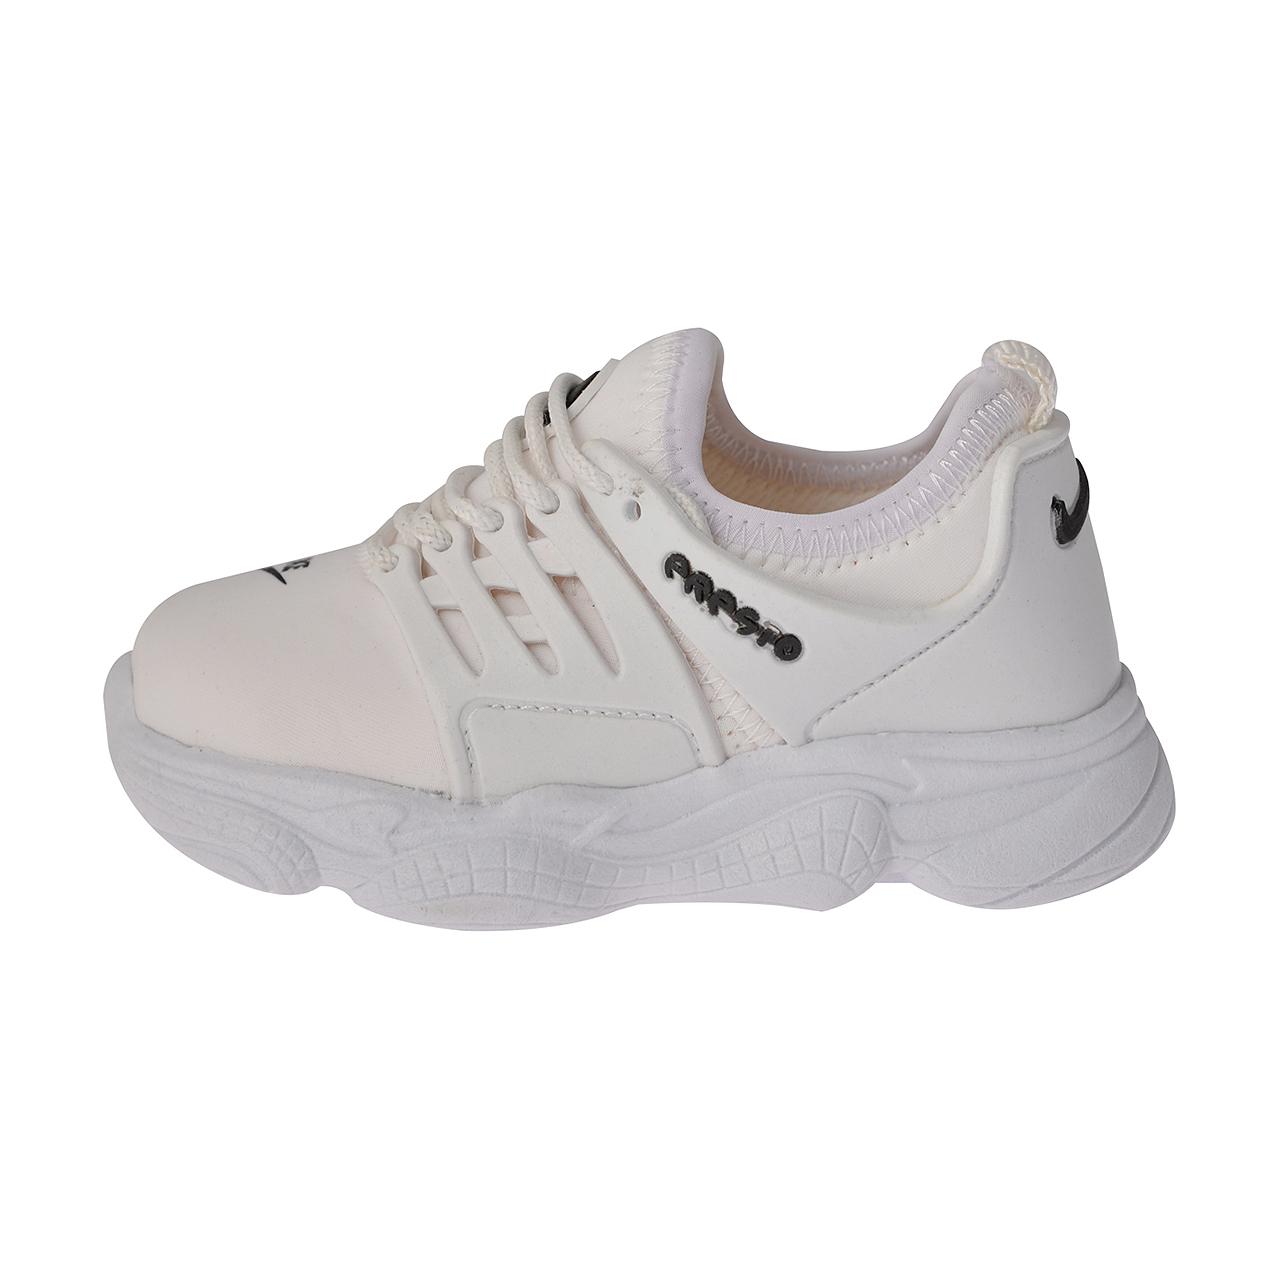 کفش راحتی کد 349001401